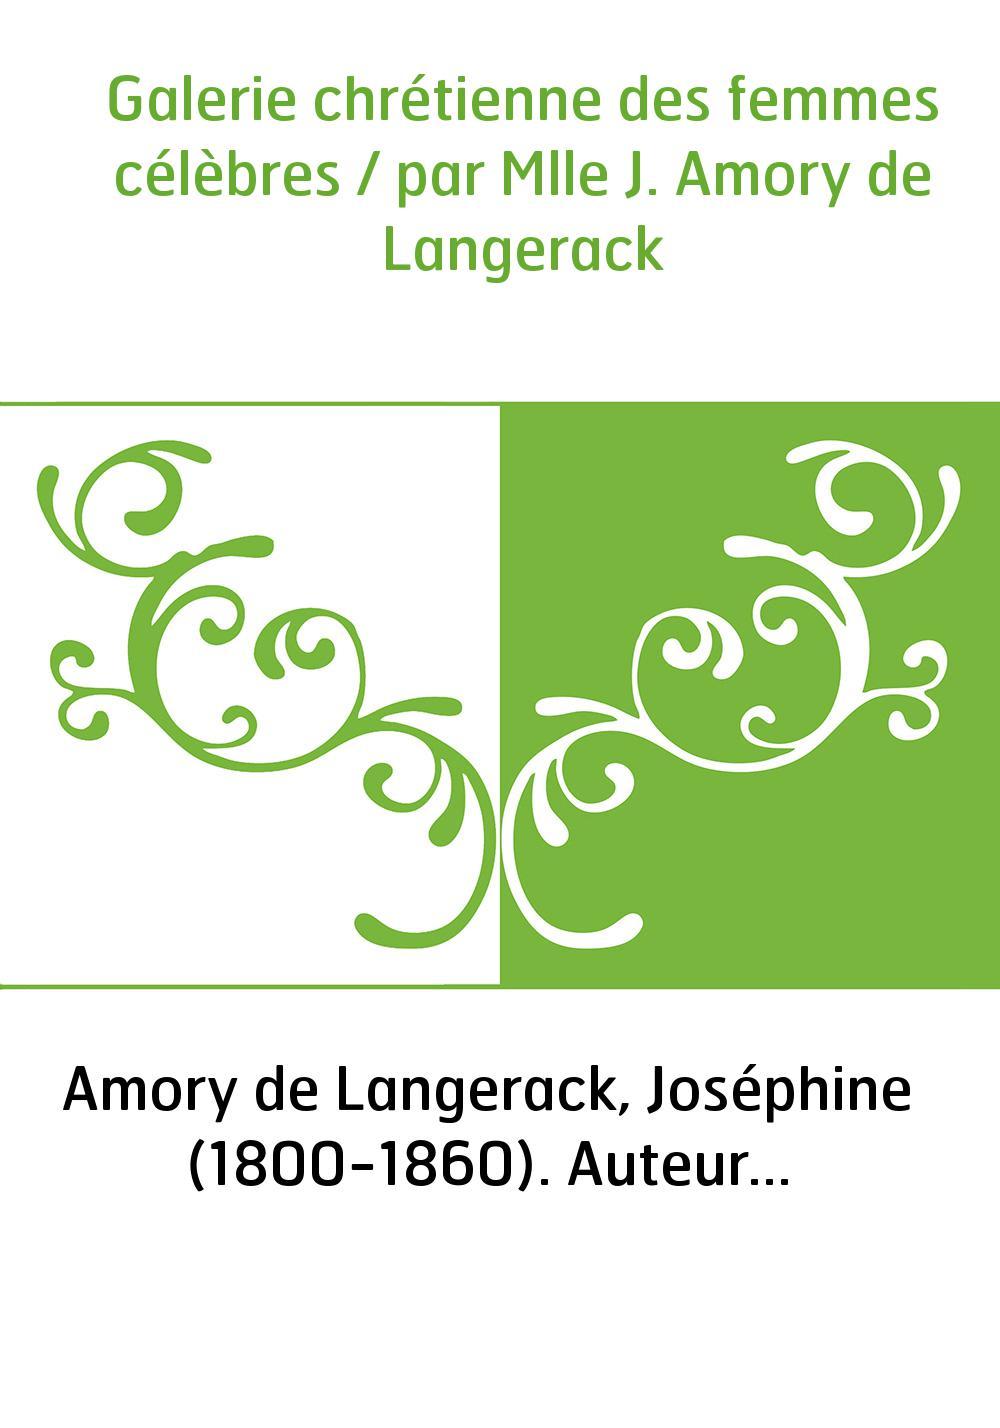 Galerie chrétienne des femmes célèbres / par Mlle J. Amory de Langerack